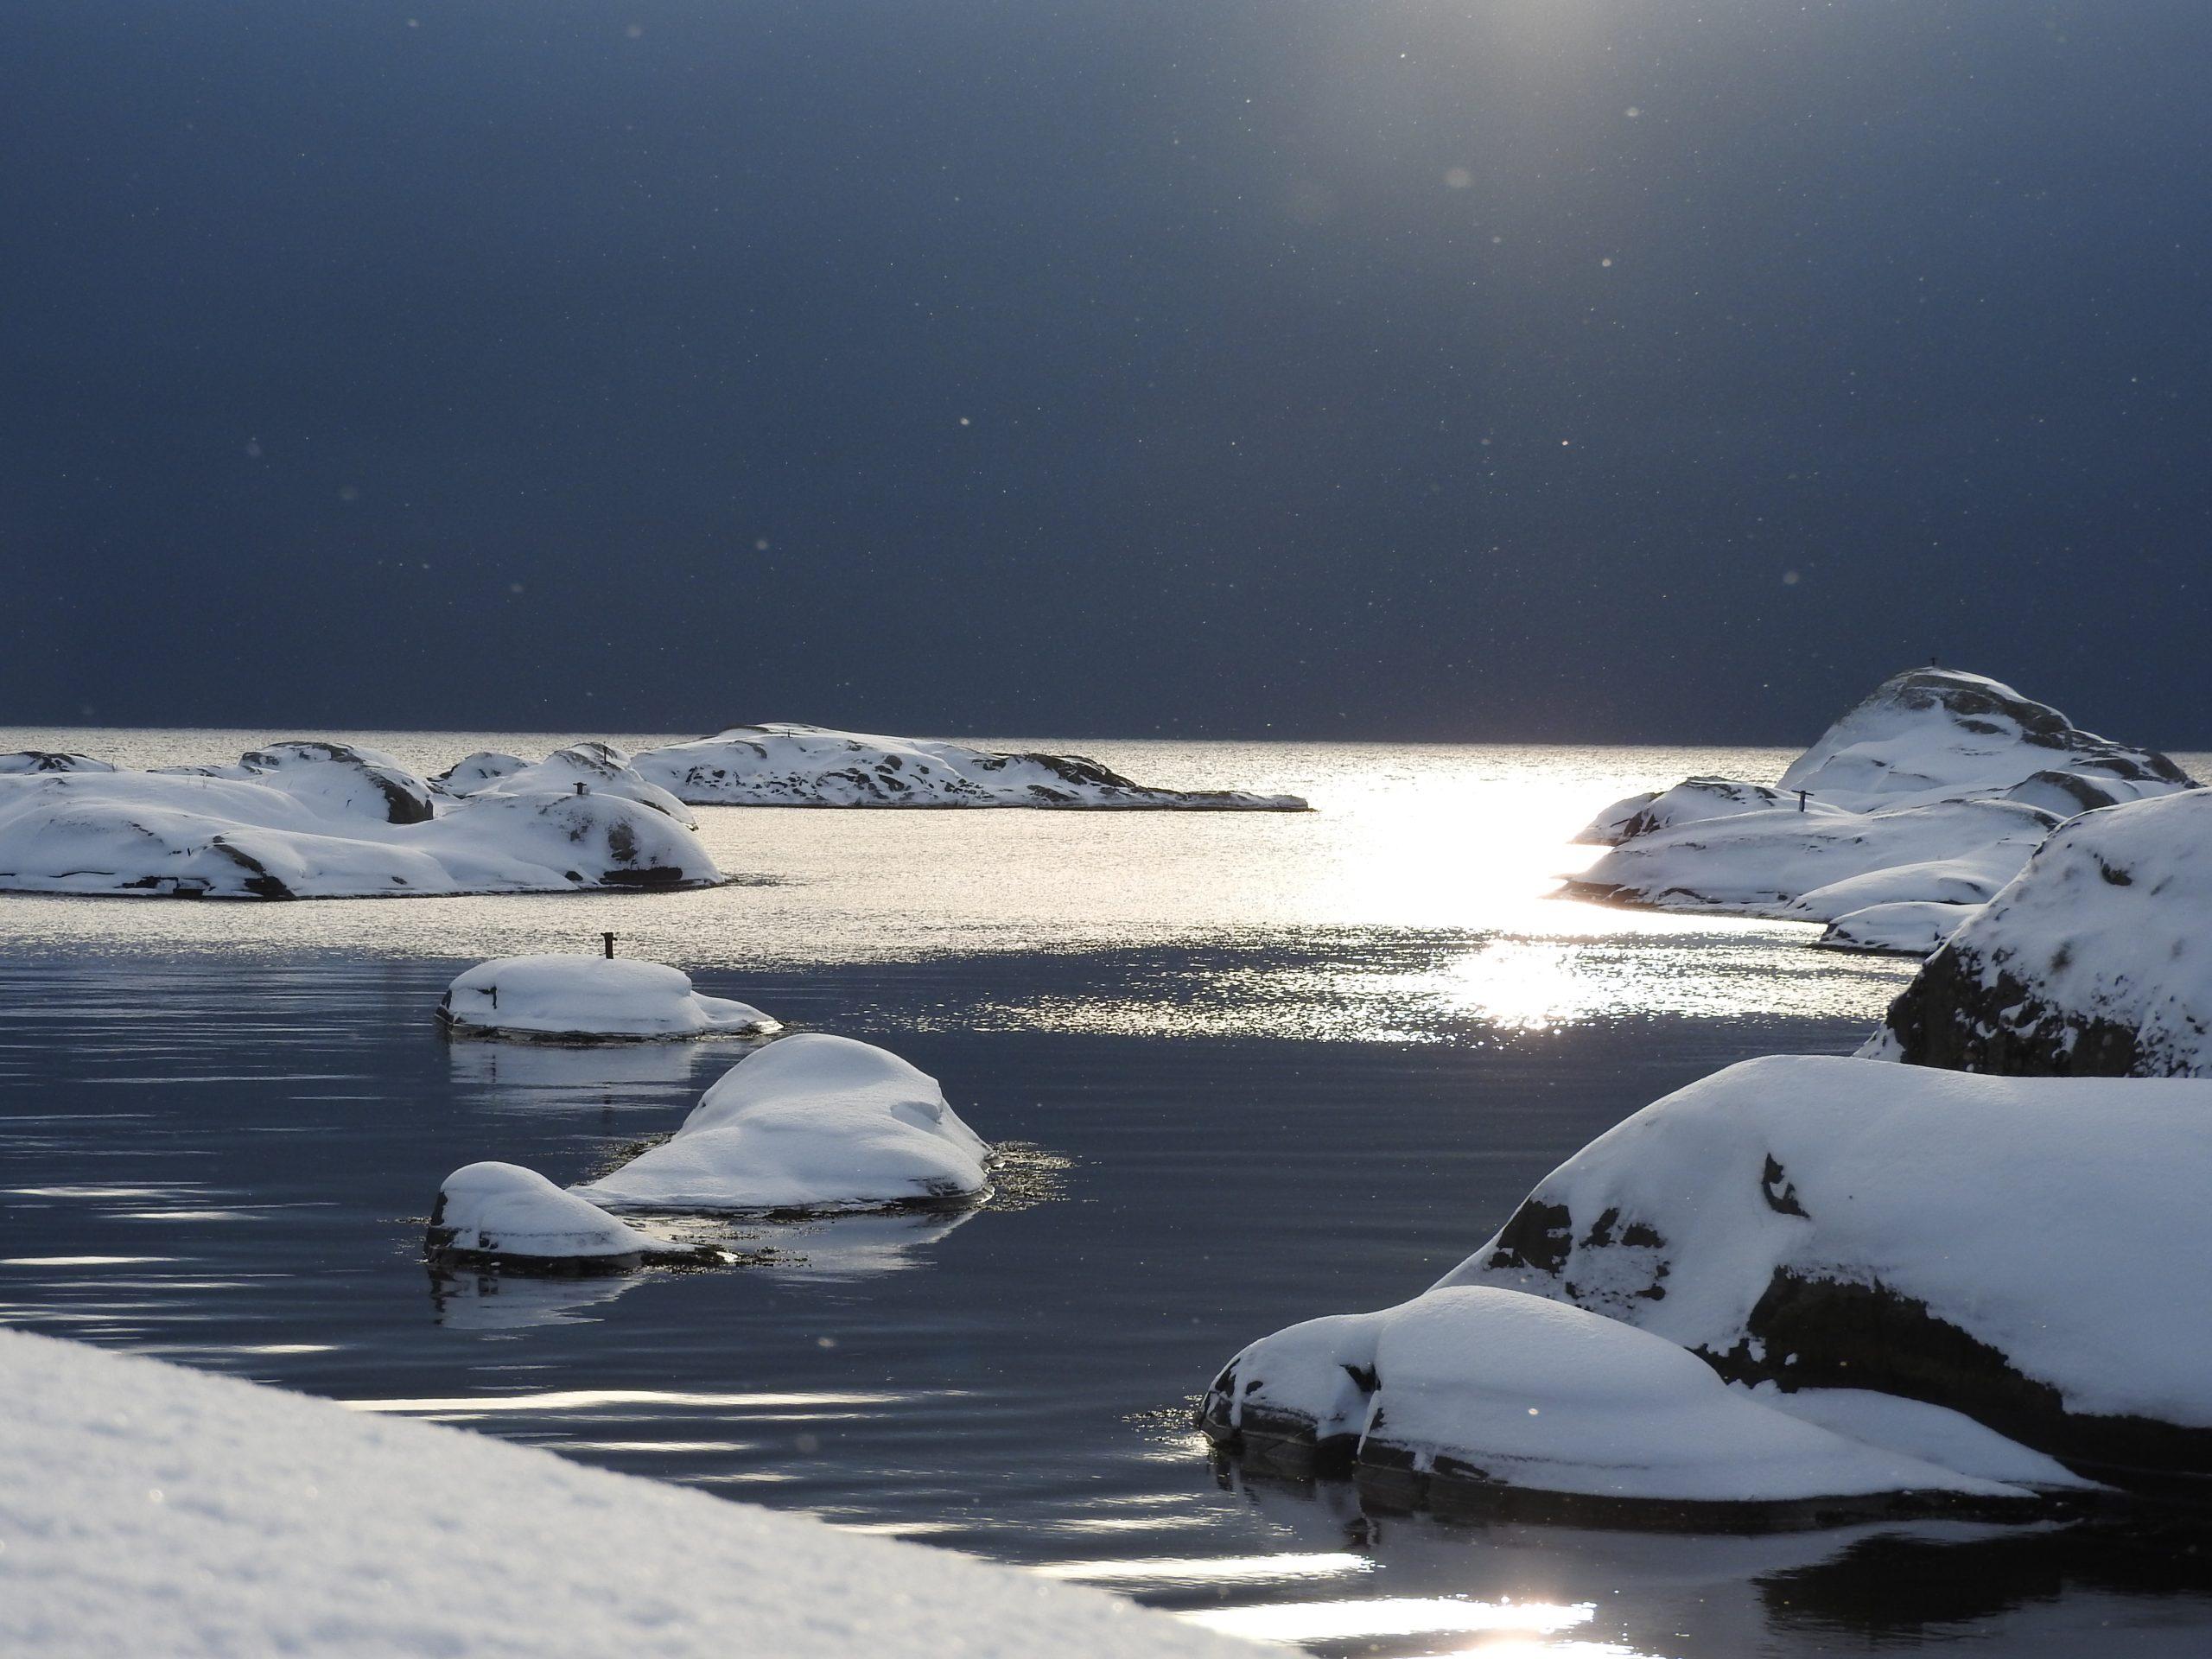 Nydelige vinterforhold gir magiske øyeblikk når du har kysten for deg selv